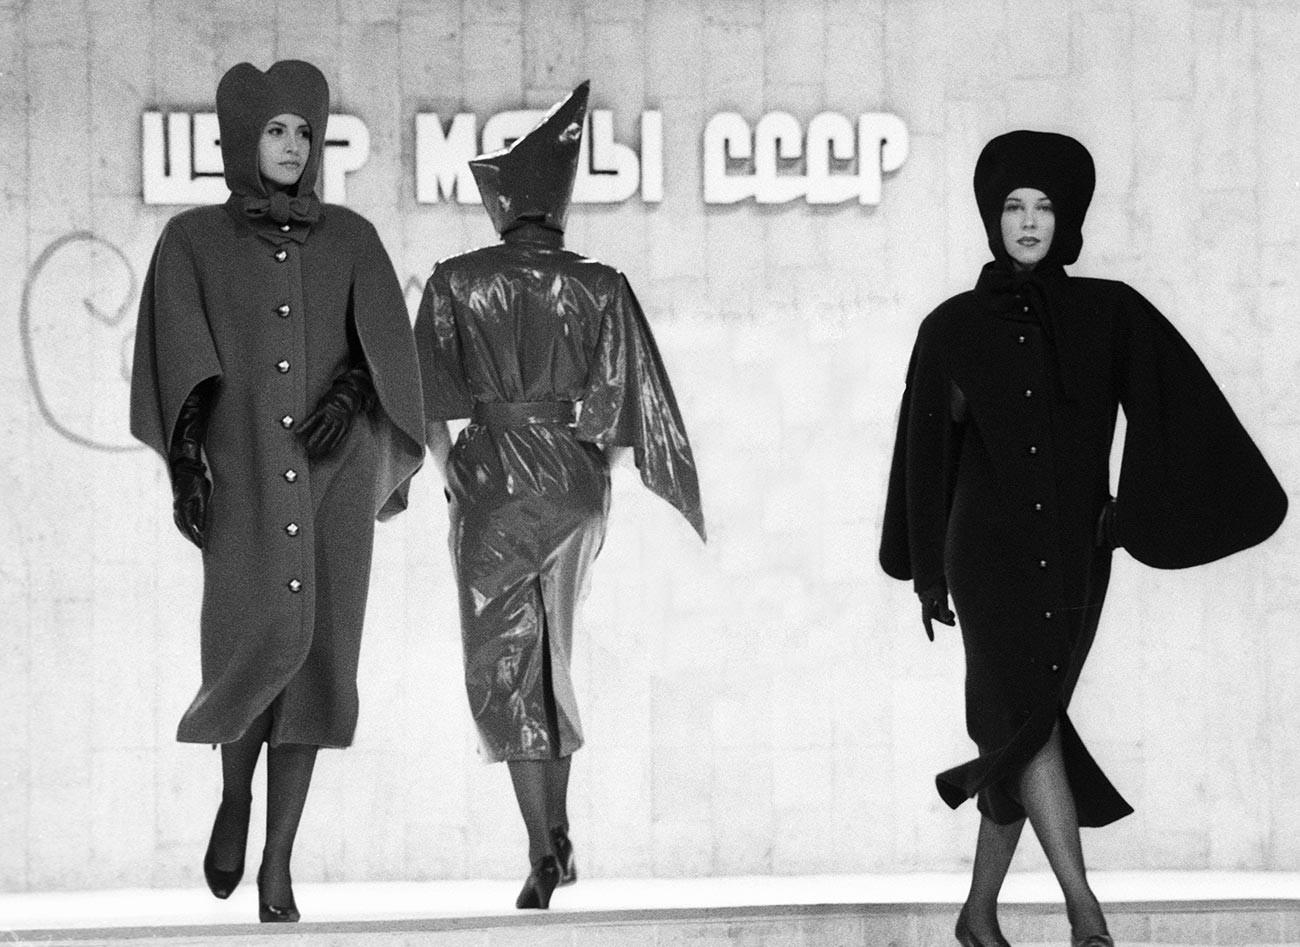 Modelos en la pasarela mostrando abrigos en el desfile del diseñador francés Pierre Cardin en Moscú, 1989